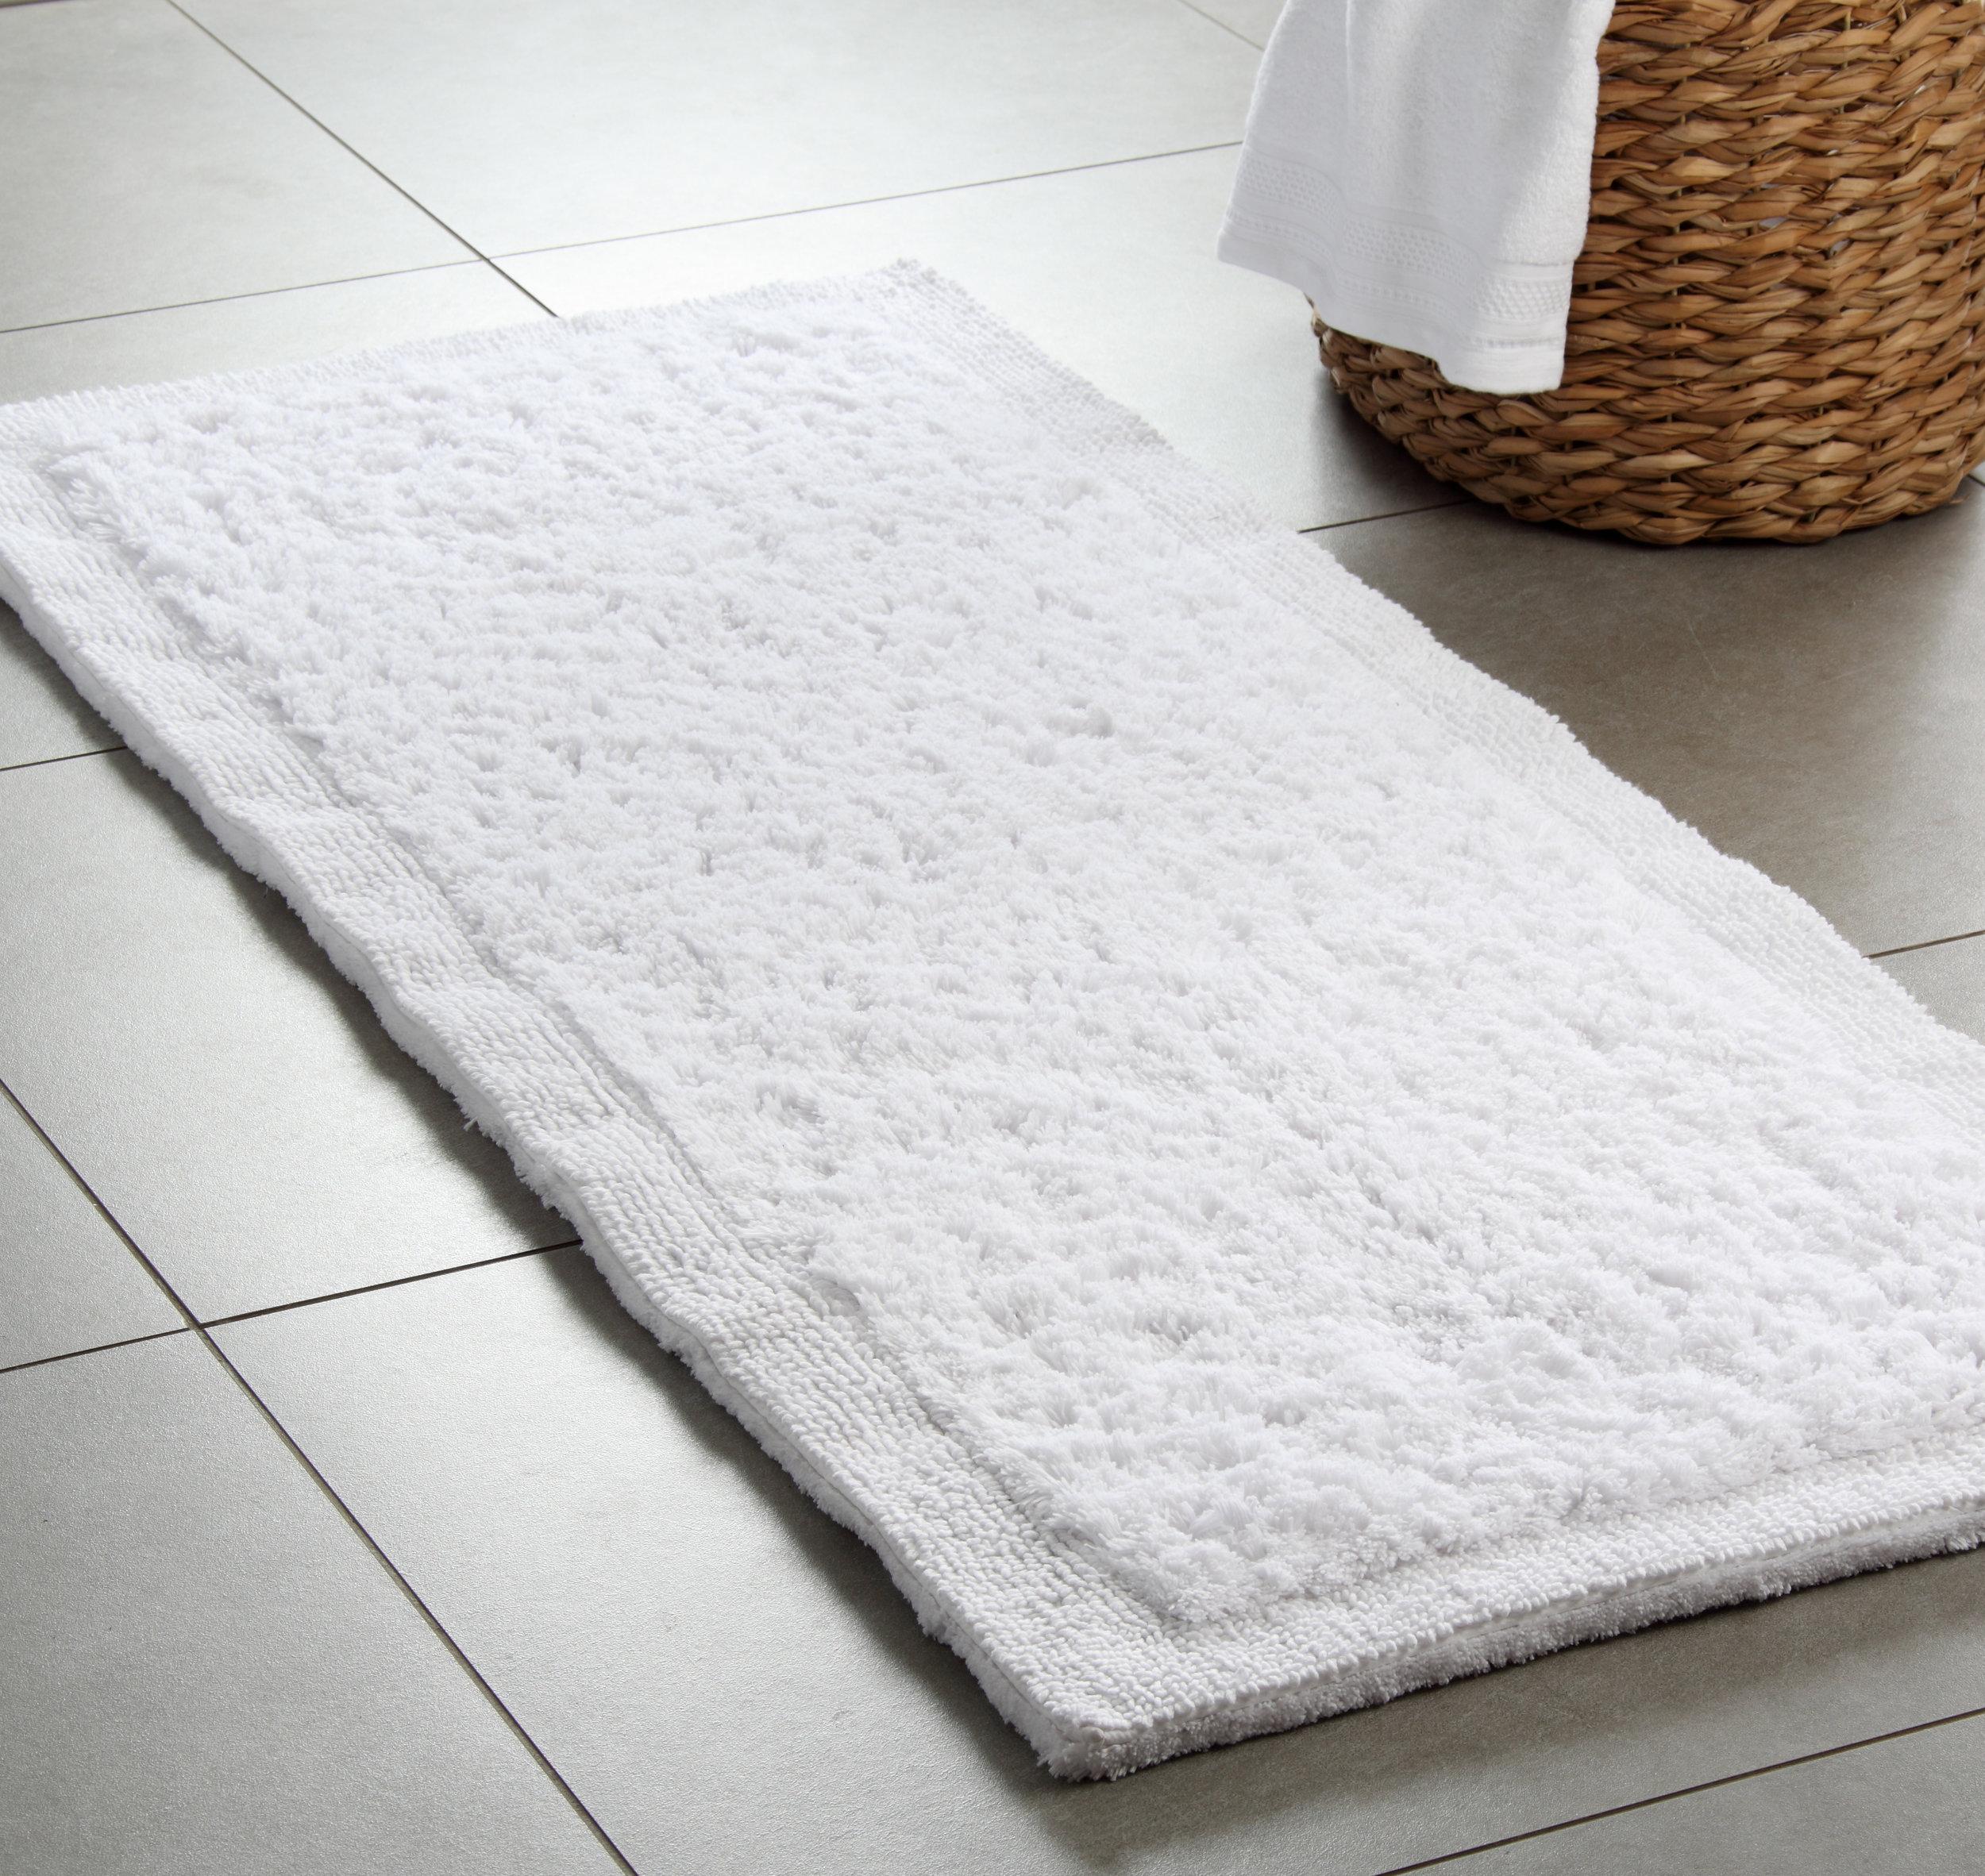 Domani Organic Bathrunner White.jpg